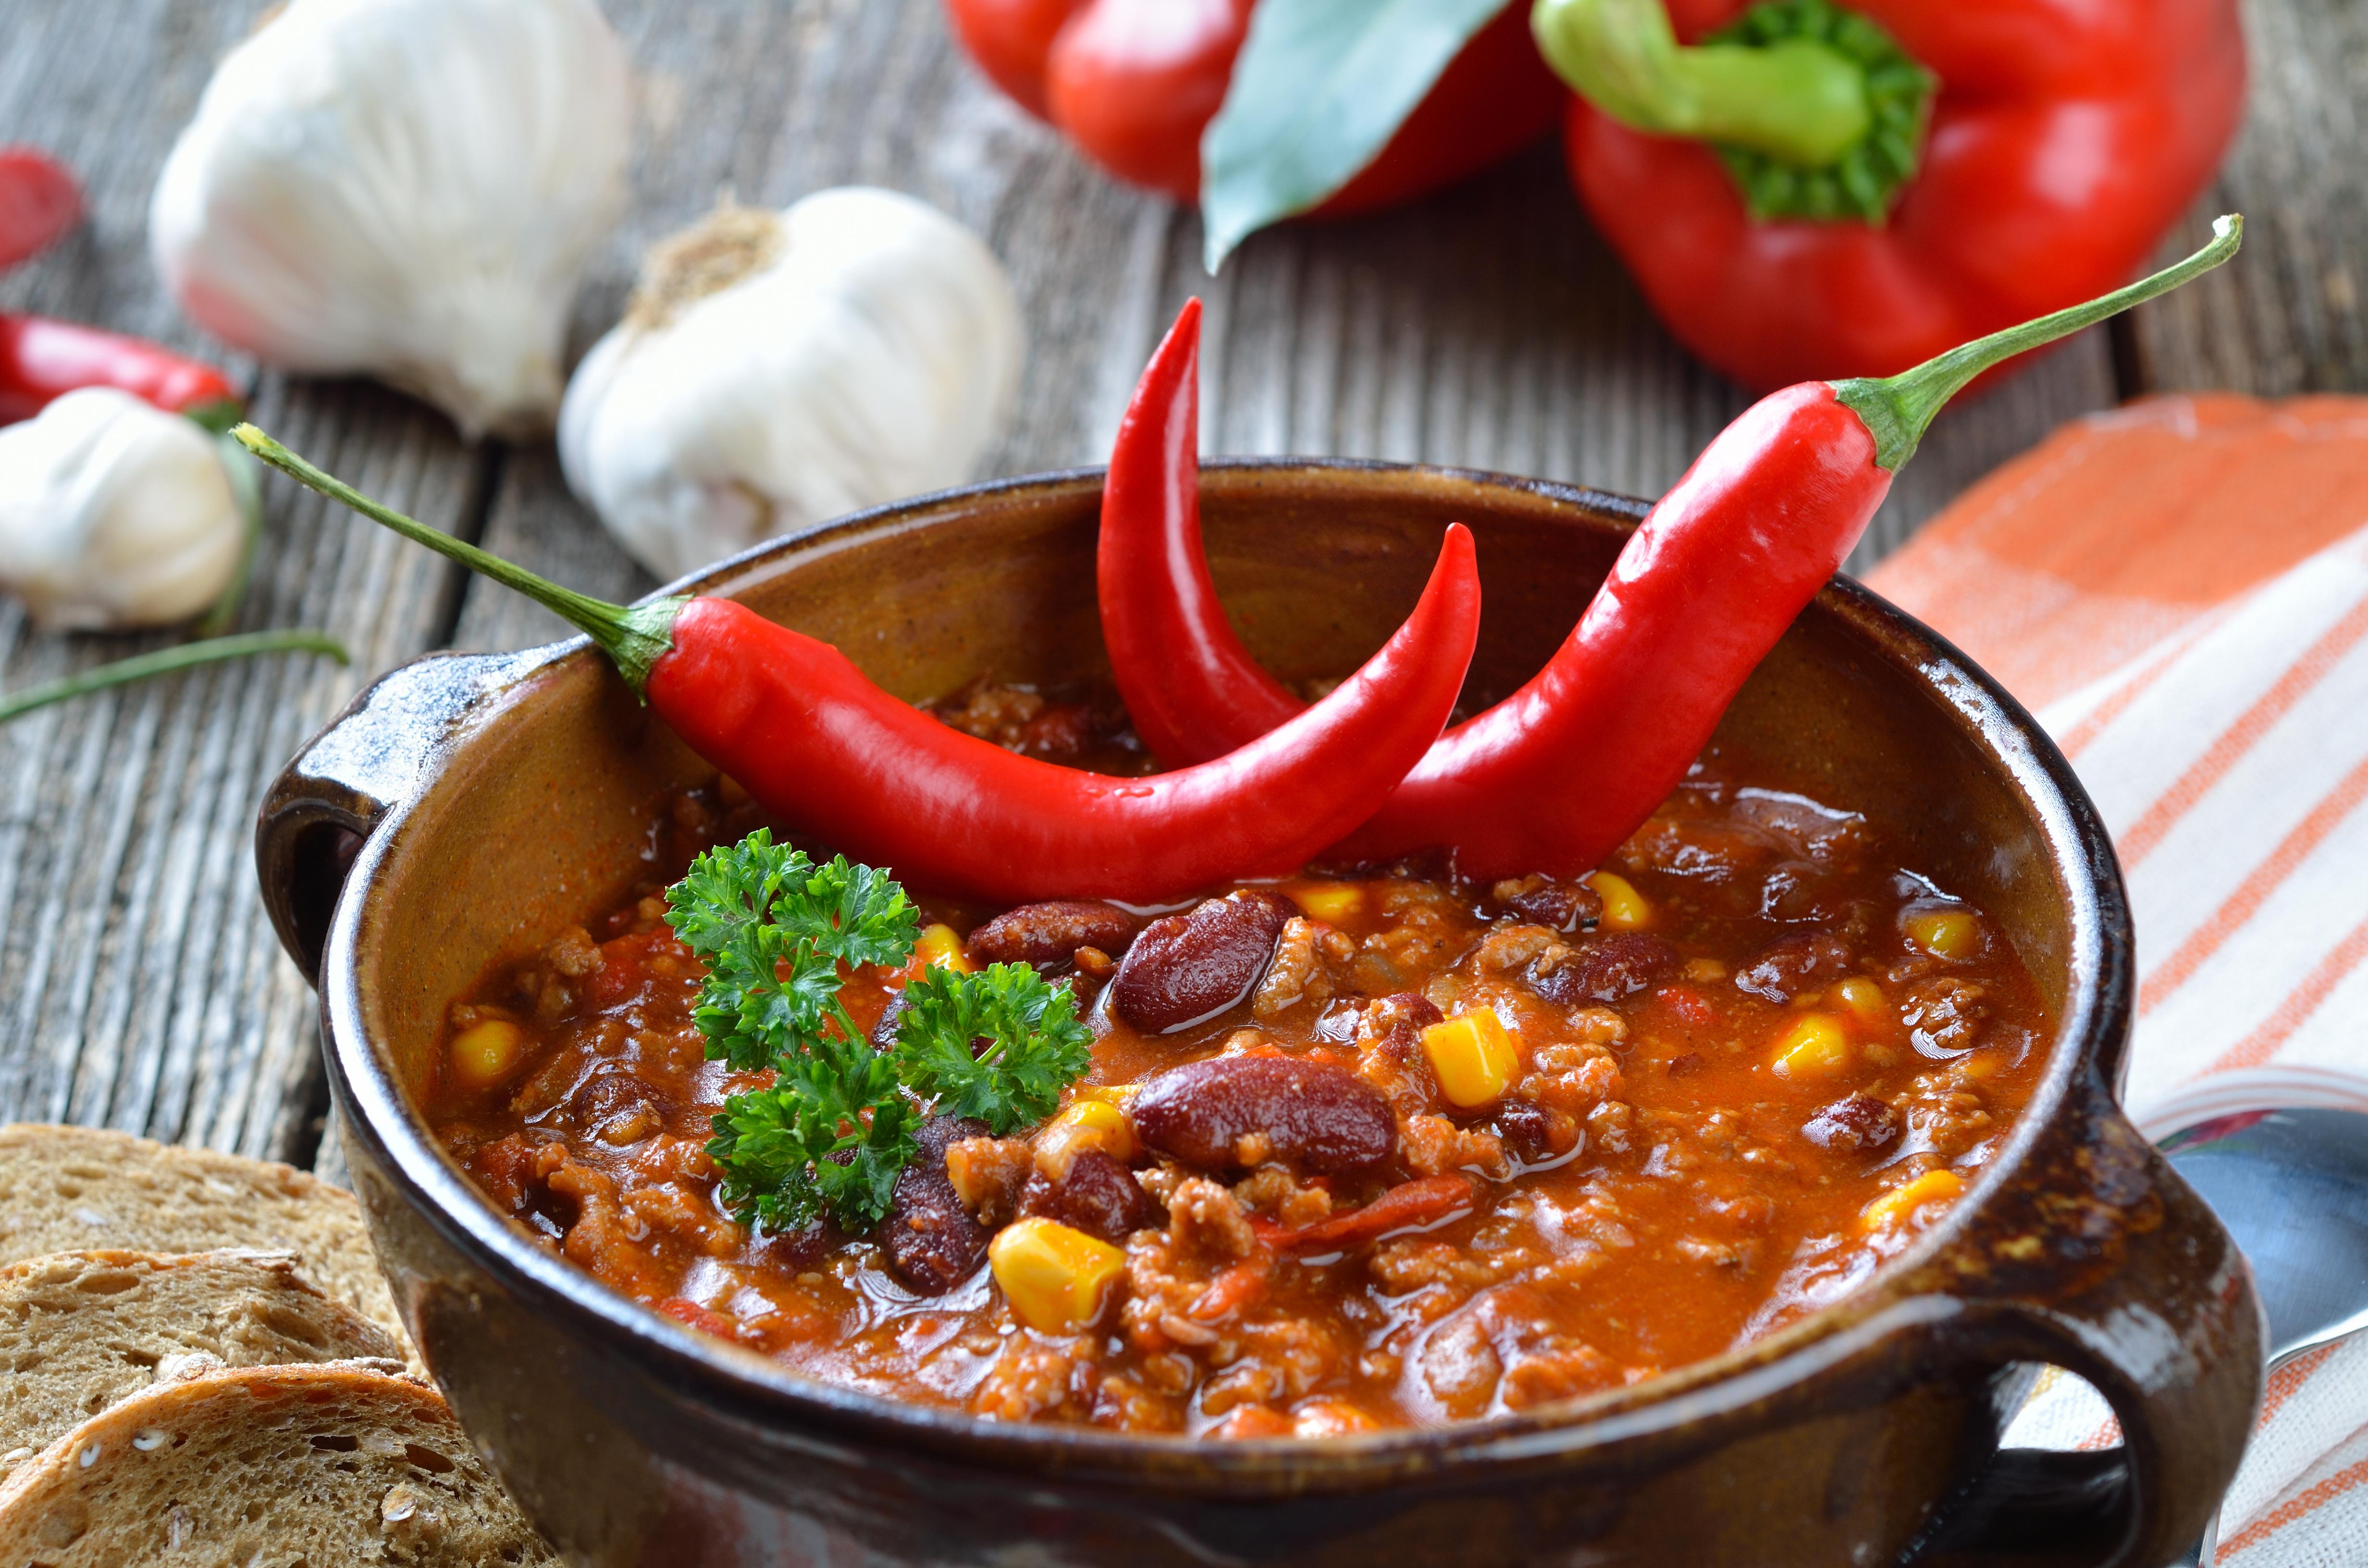 Enligt resultatet av en omfattande studie på kineser kan du förlänga livet genom att äta kryddstark mat - bäst effekt blir det om du äter färsk chili.